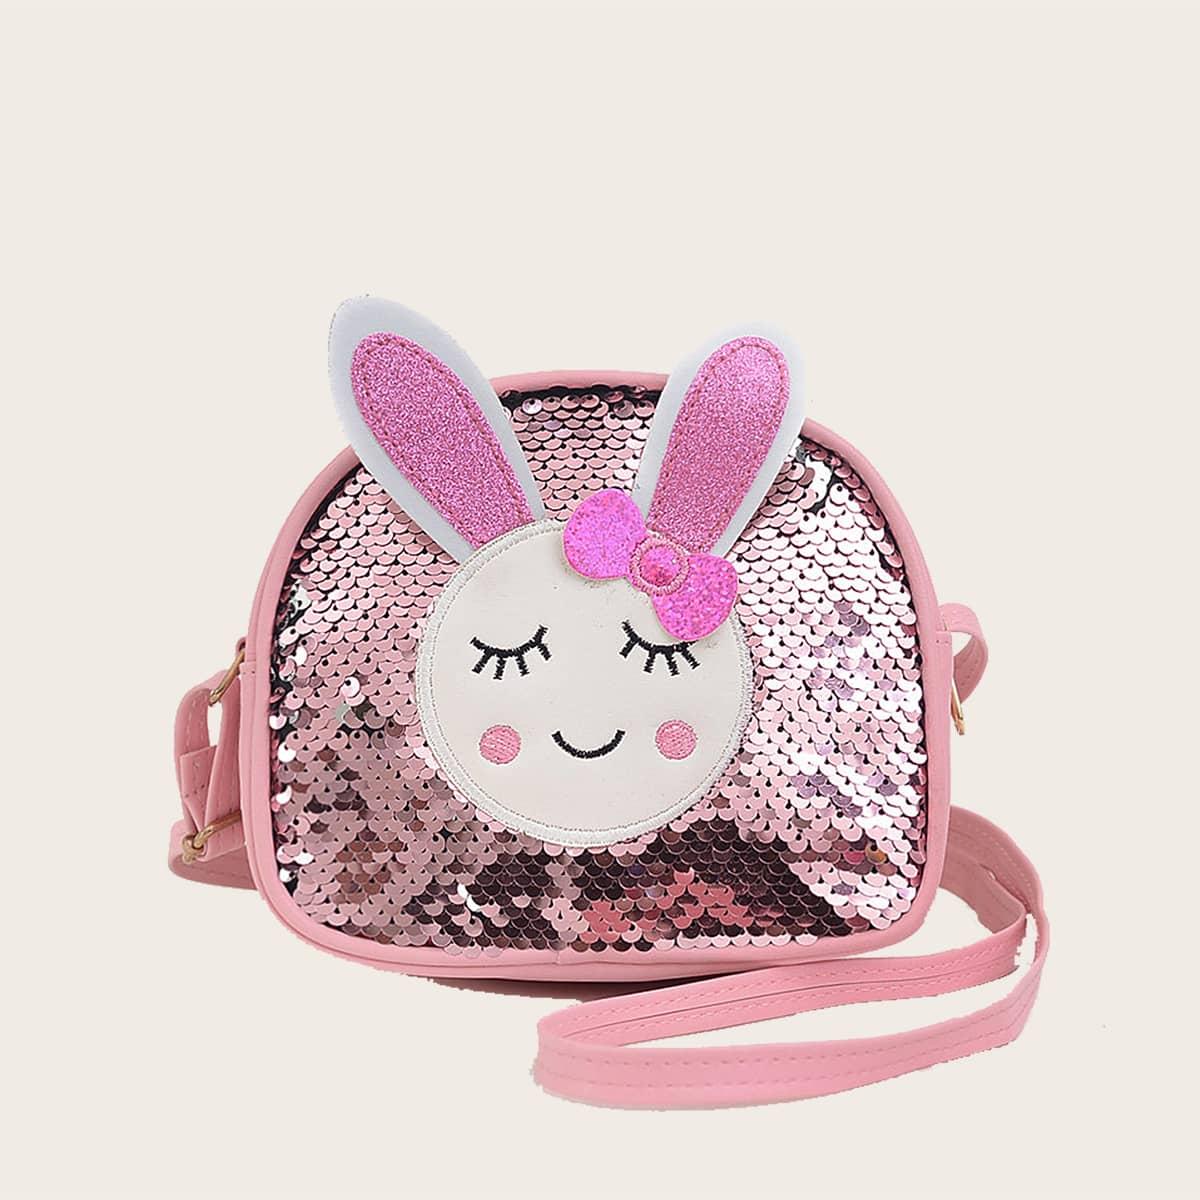 Регулируемый Блеск Мультяшный принт Детские сумки через плечо SheIn skbag18210302011